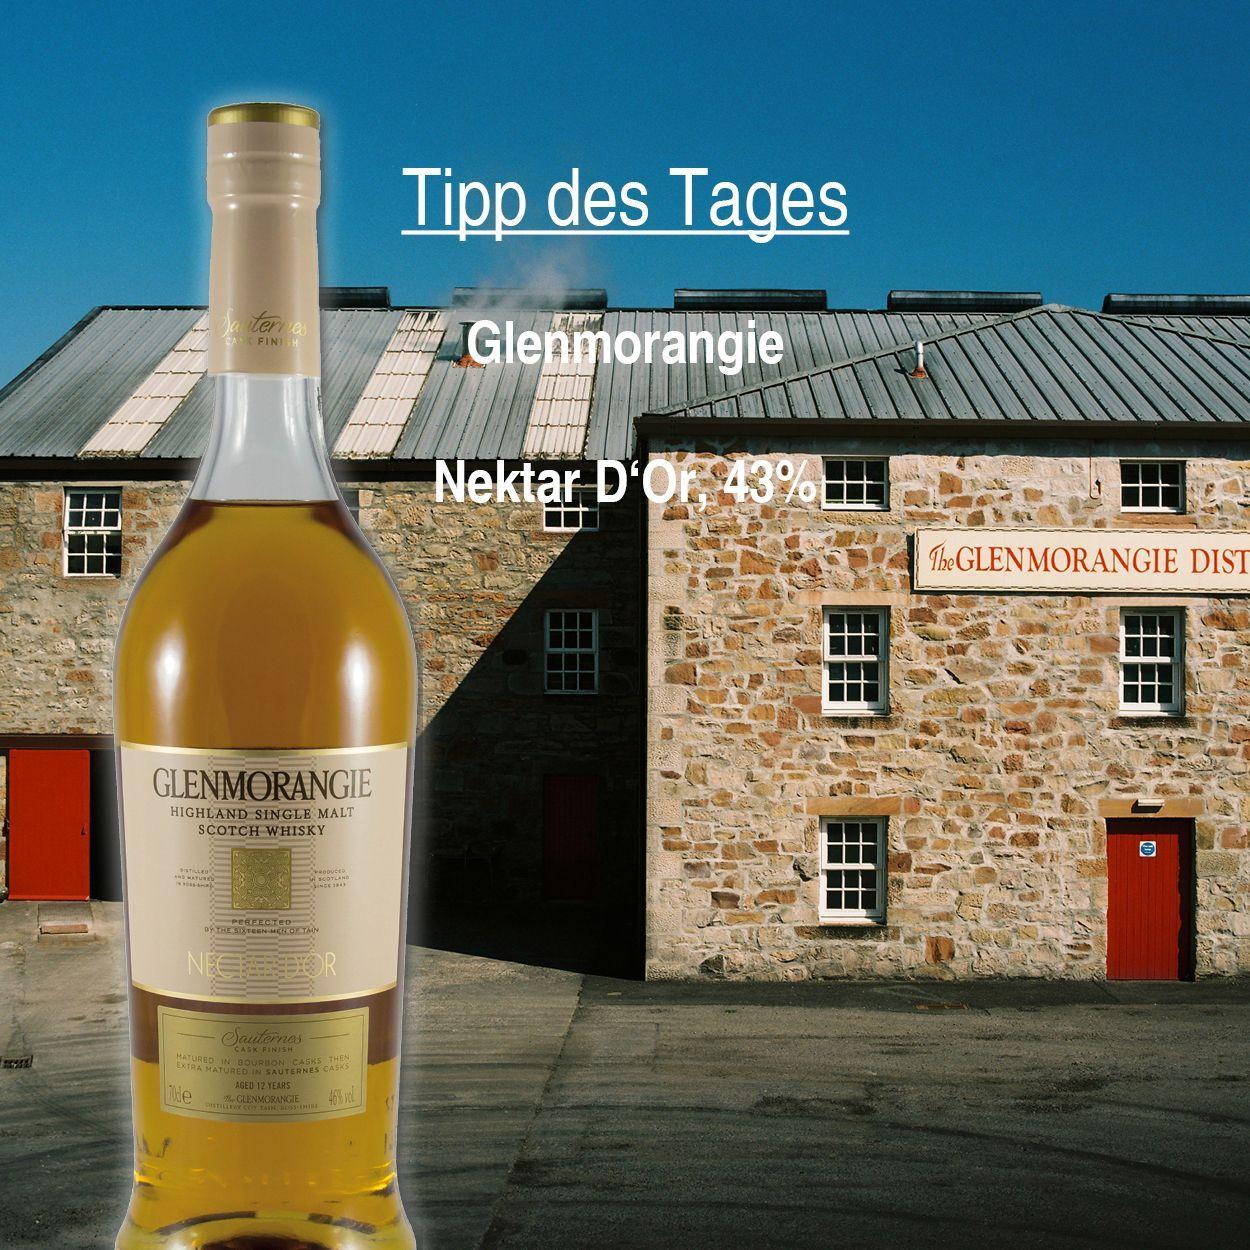 Unser Tipp des Tages!  Glenmorangie Nektar D'Or, 43%. Ein #Scotch #Whisky der in handverlesenen Wein-Barriques aus Frankreich gereift ist. Dadurch entstand sein reichhaltiges, würziges und dessert-artiges Aroma.